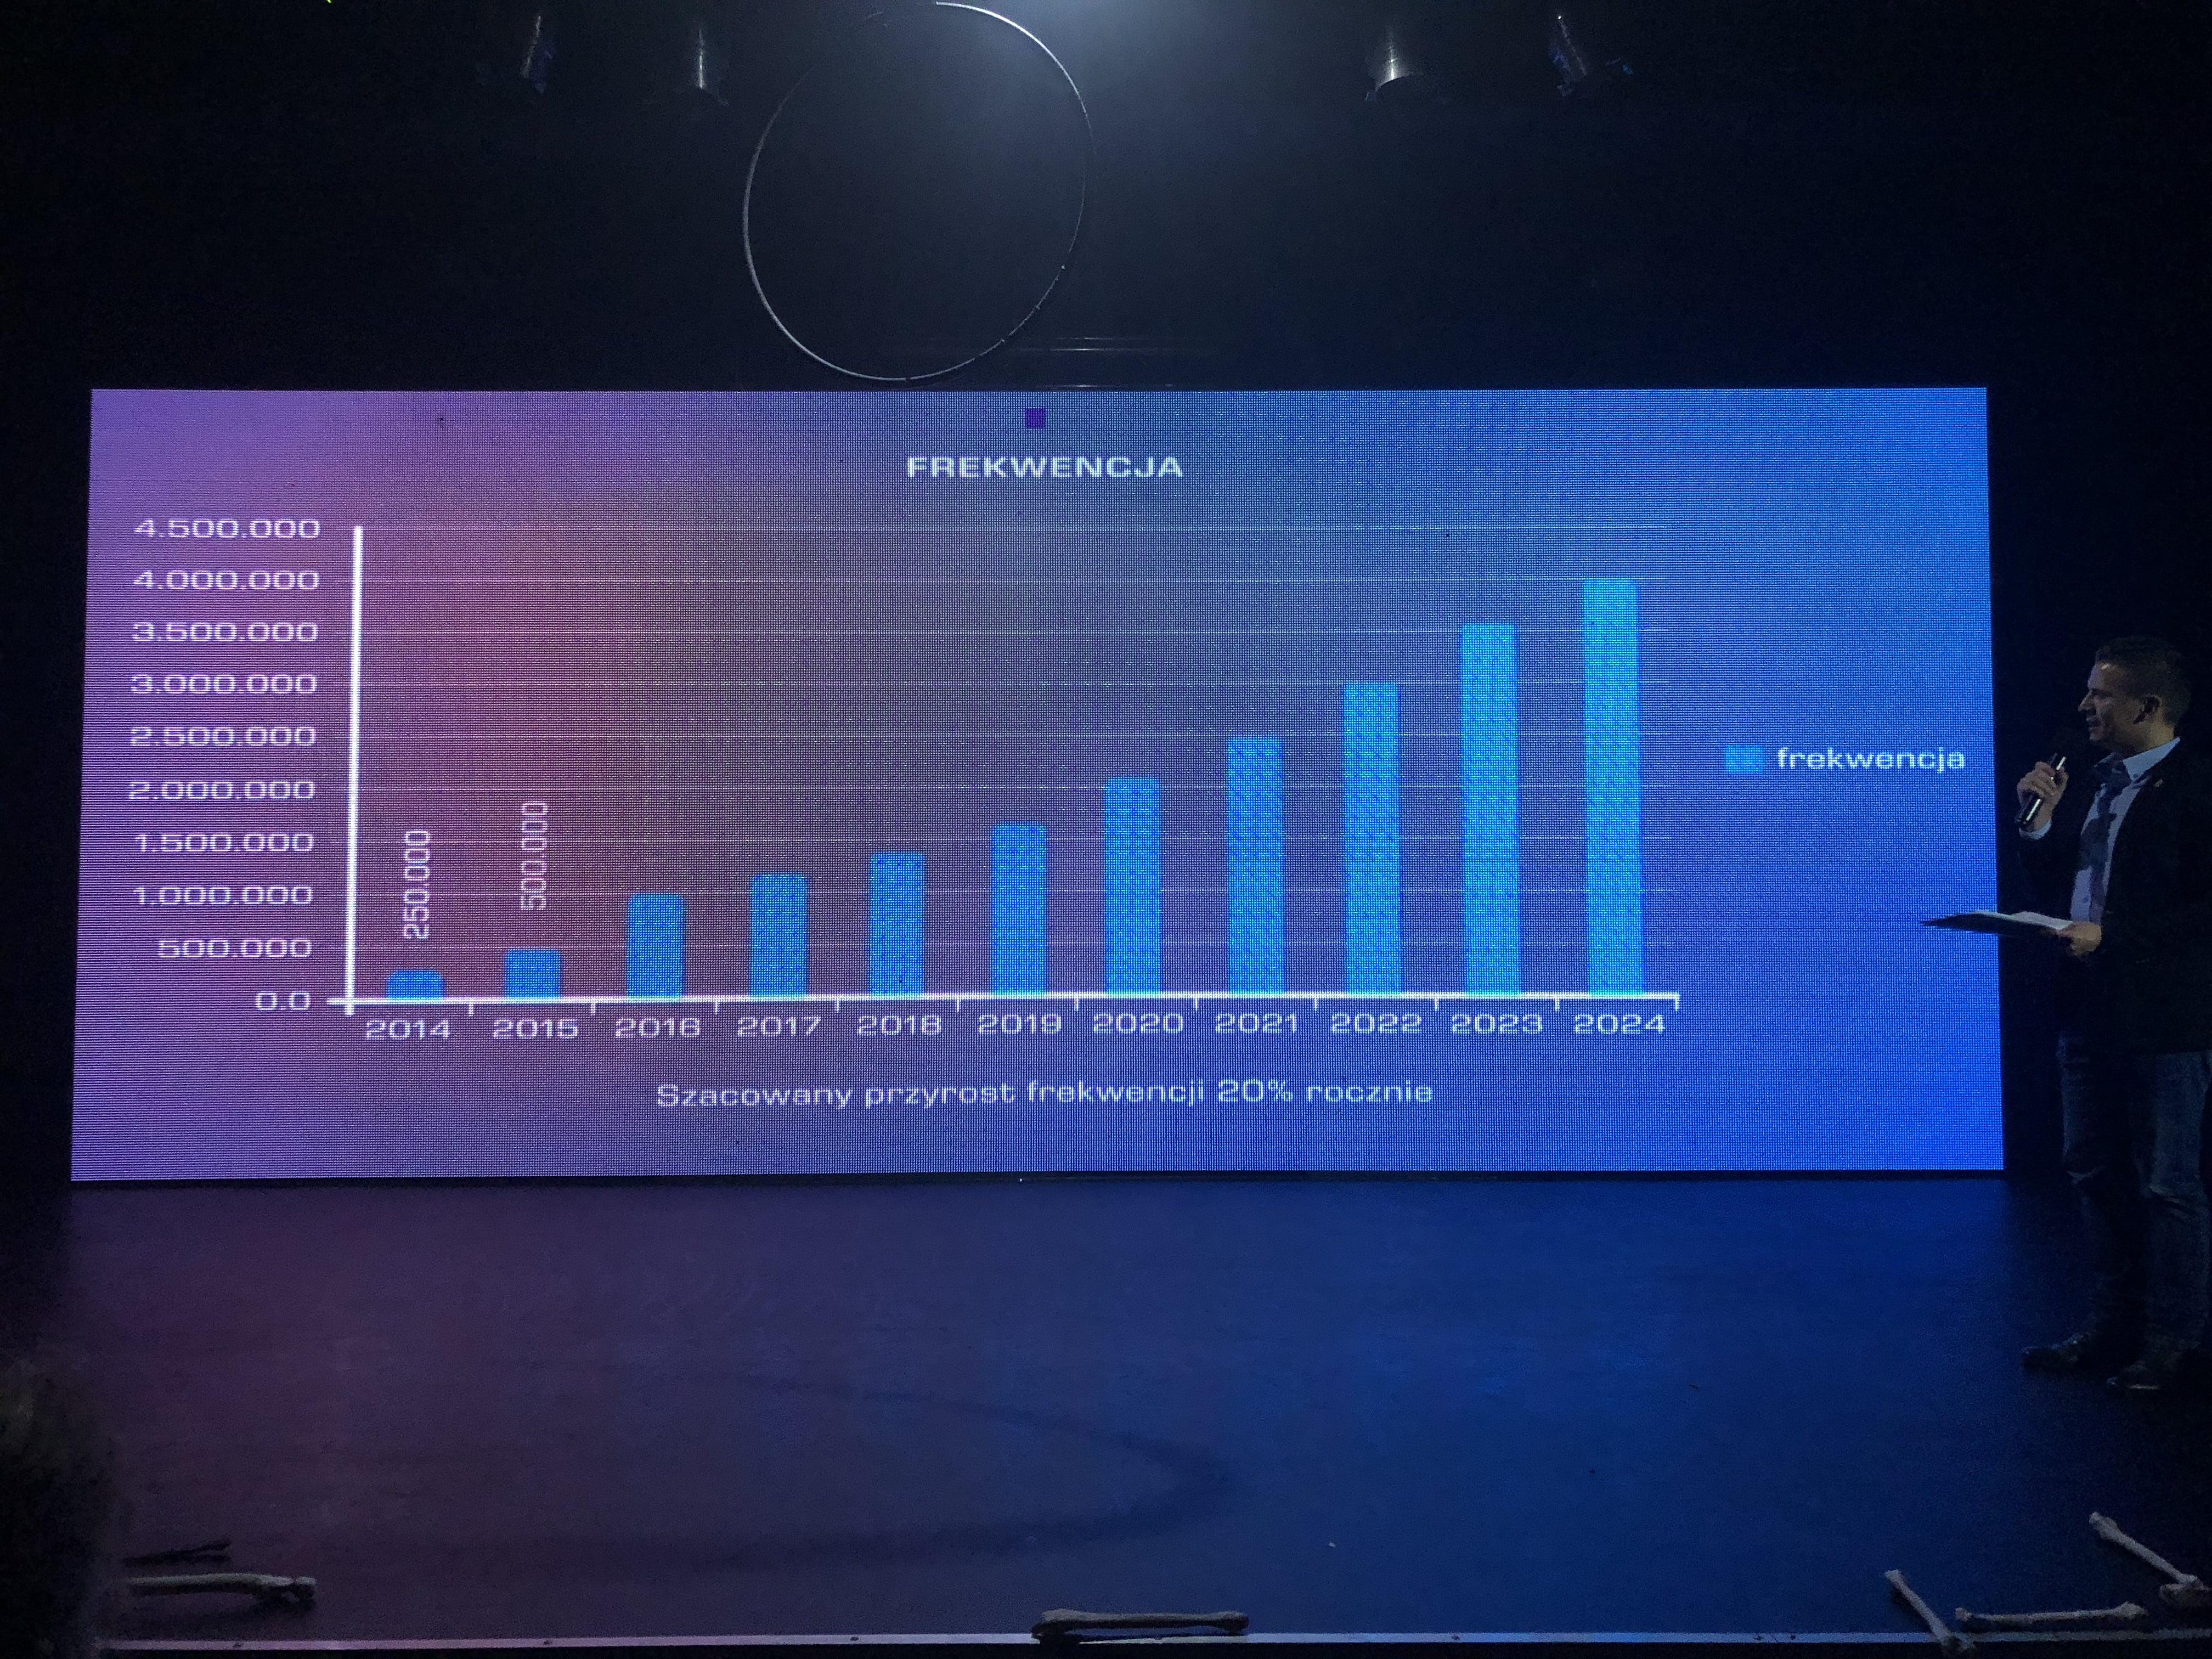 Frekwencja w latach 2014 - 2024